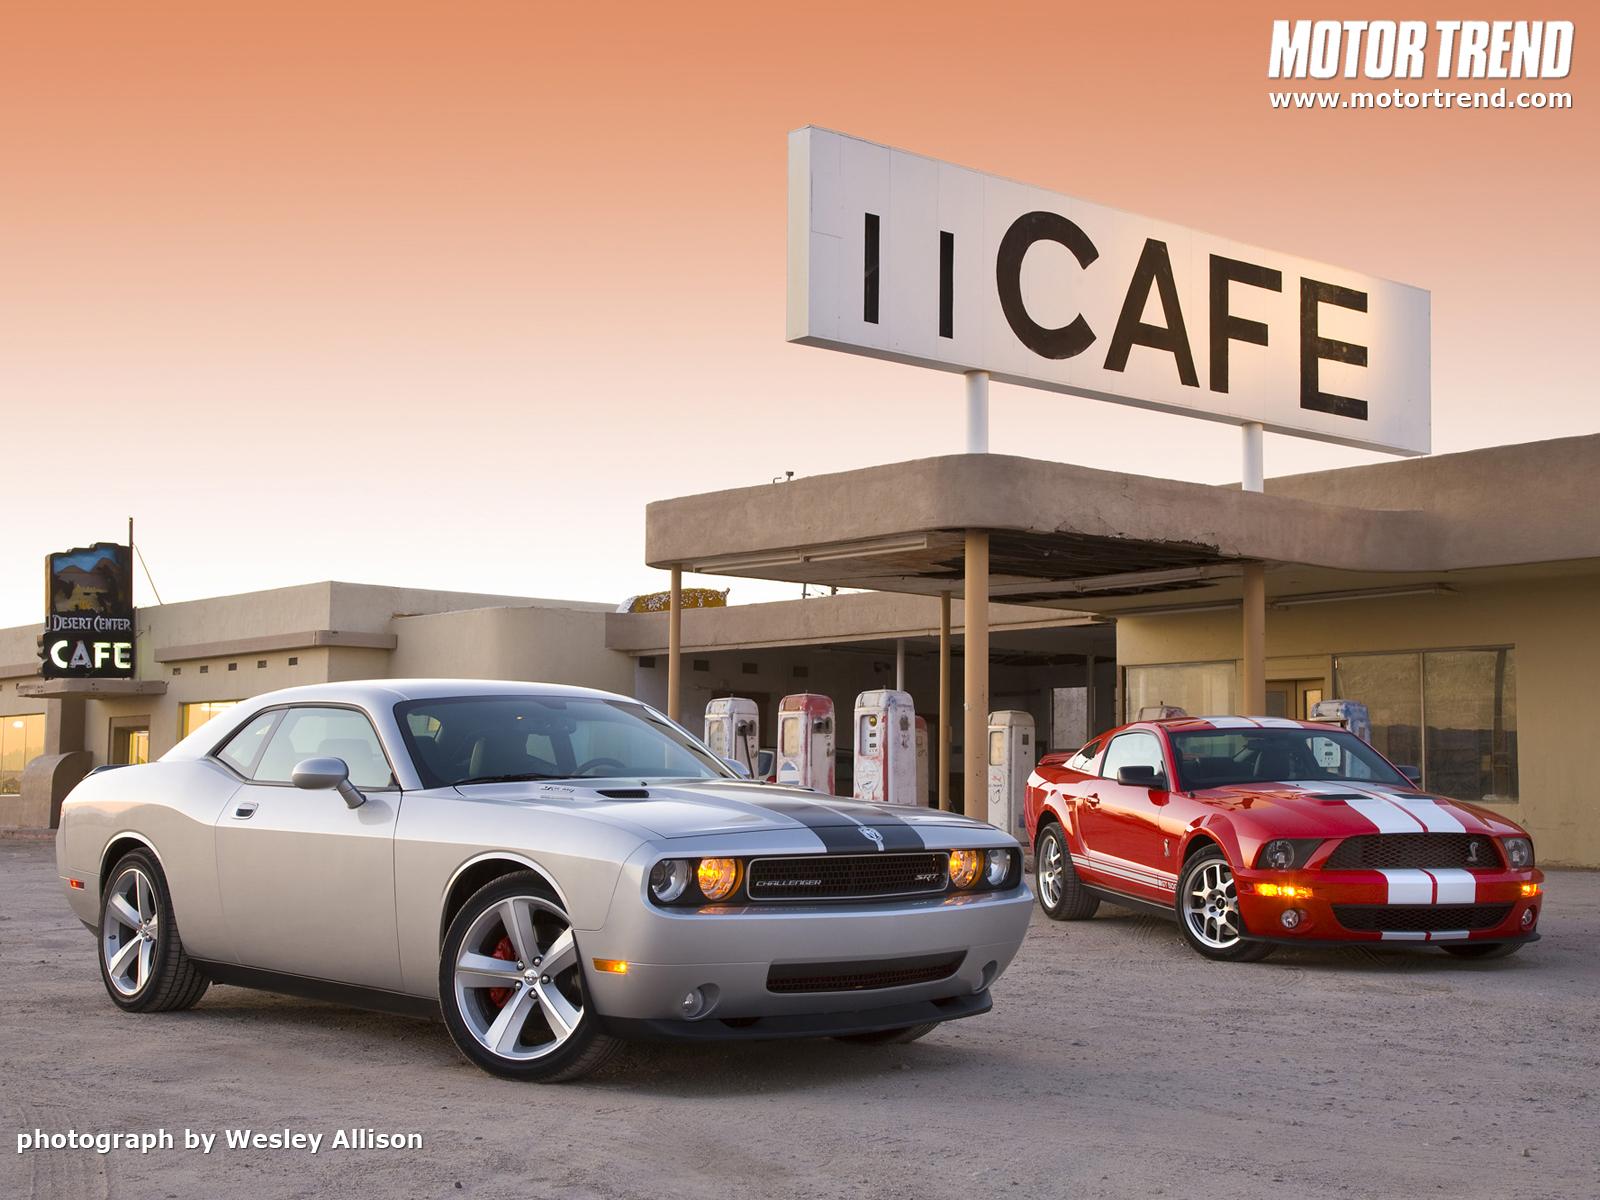 http://3.bp.blogspot.com/-32r1USTgEOk/UEcqL6sMoFI/AAAAAAAASBY/lXPBDz3GQk8/s1600/wallpaper-de-carros-papel-de-parede.jpg